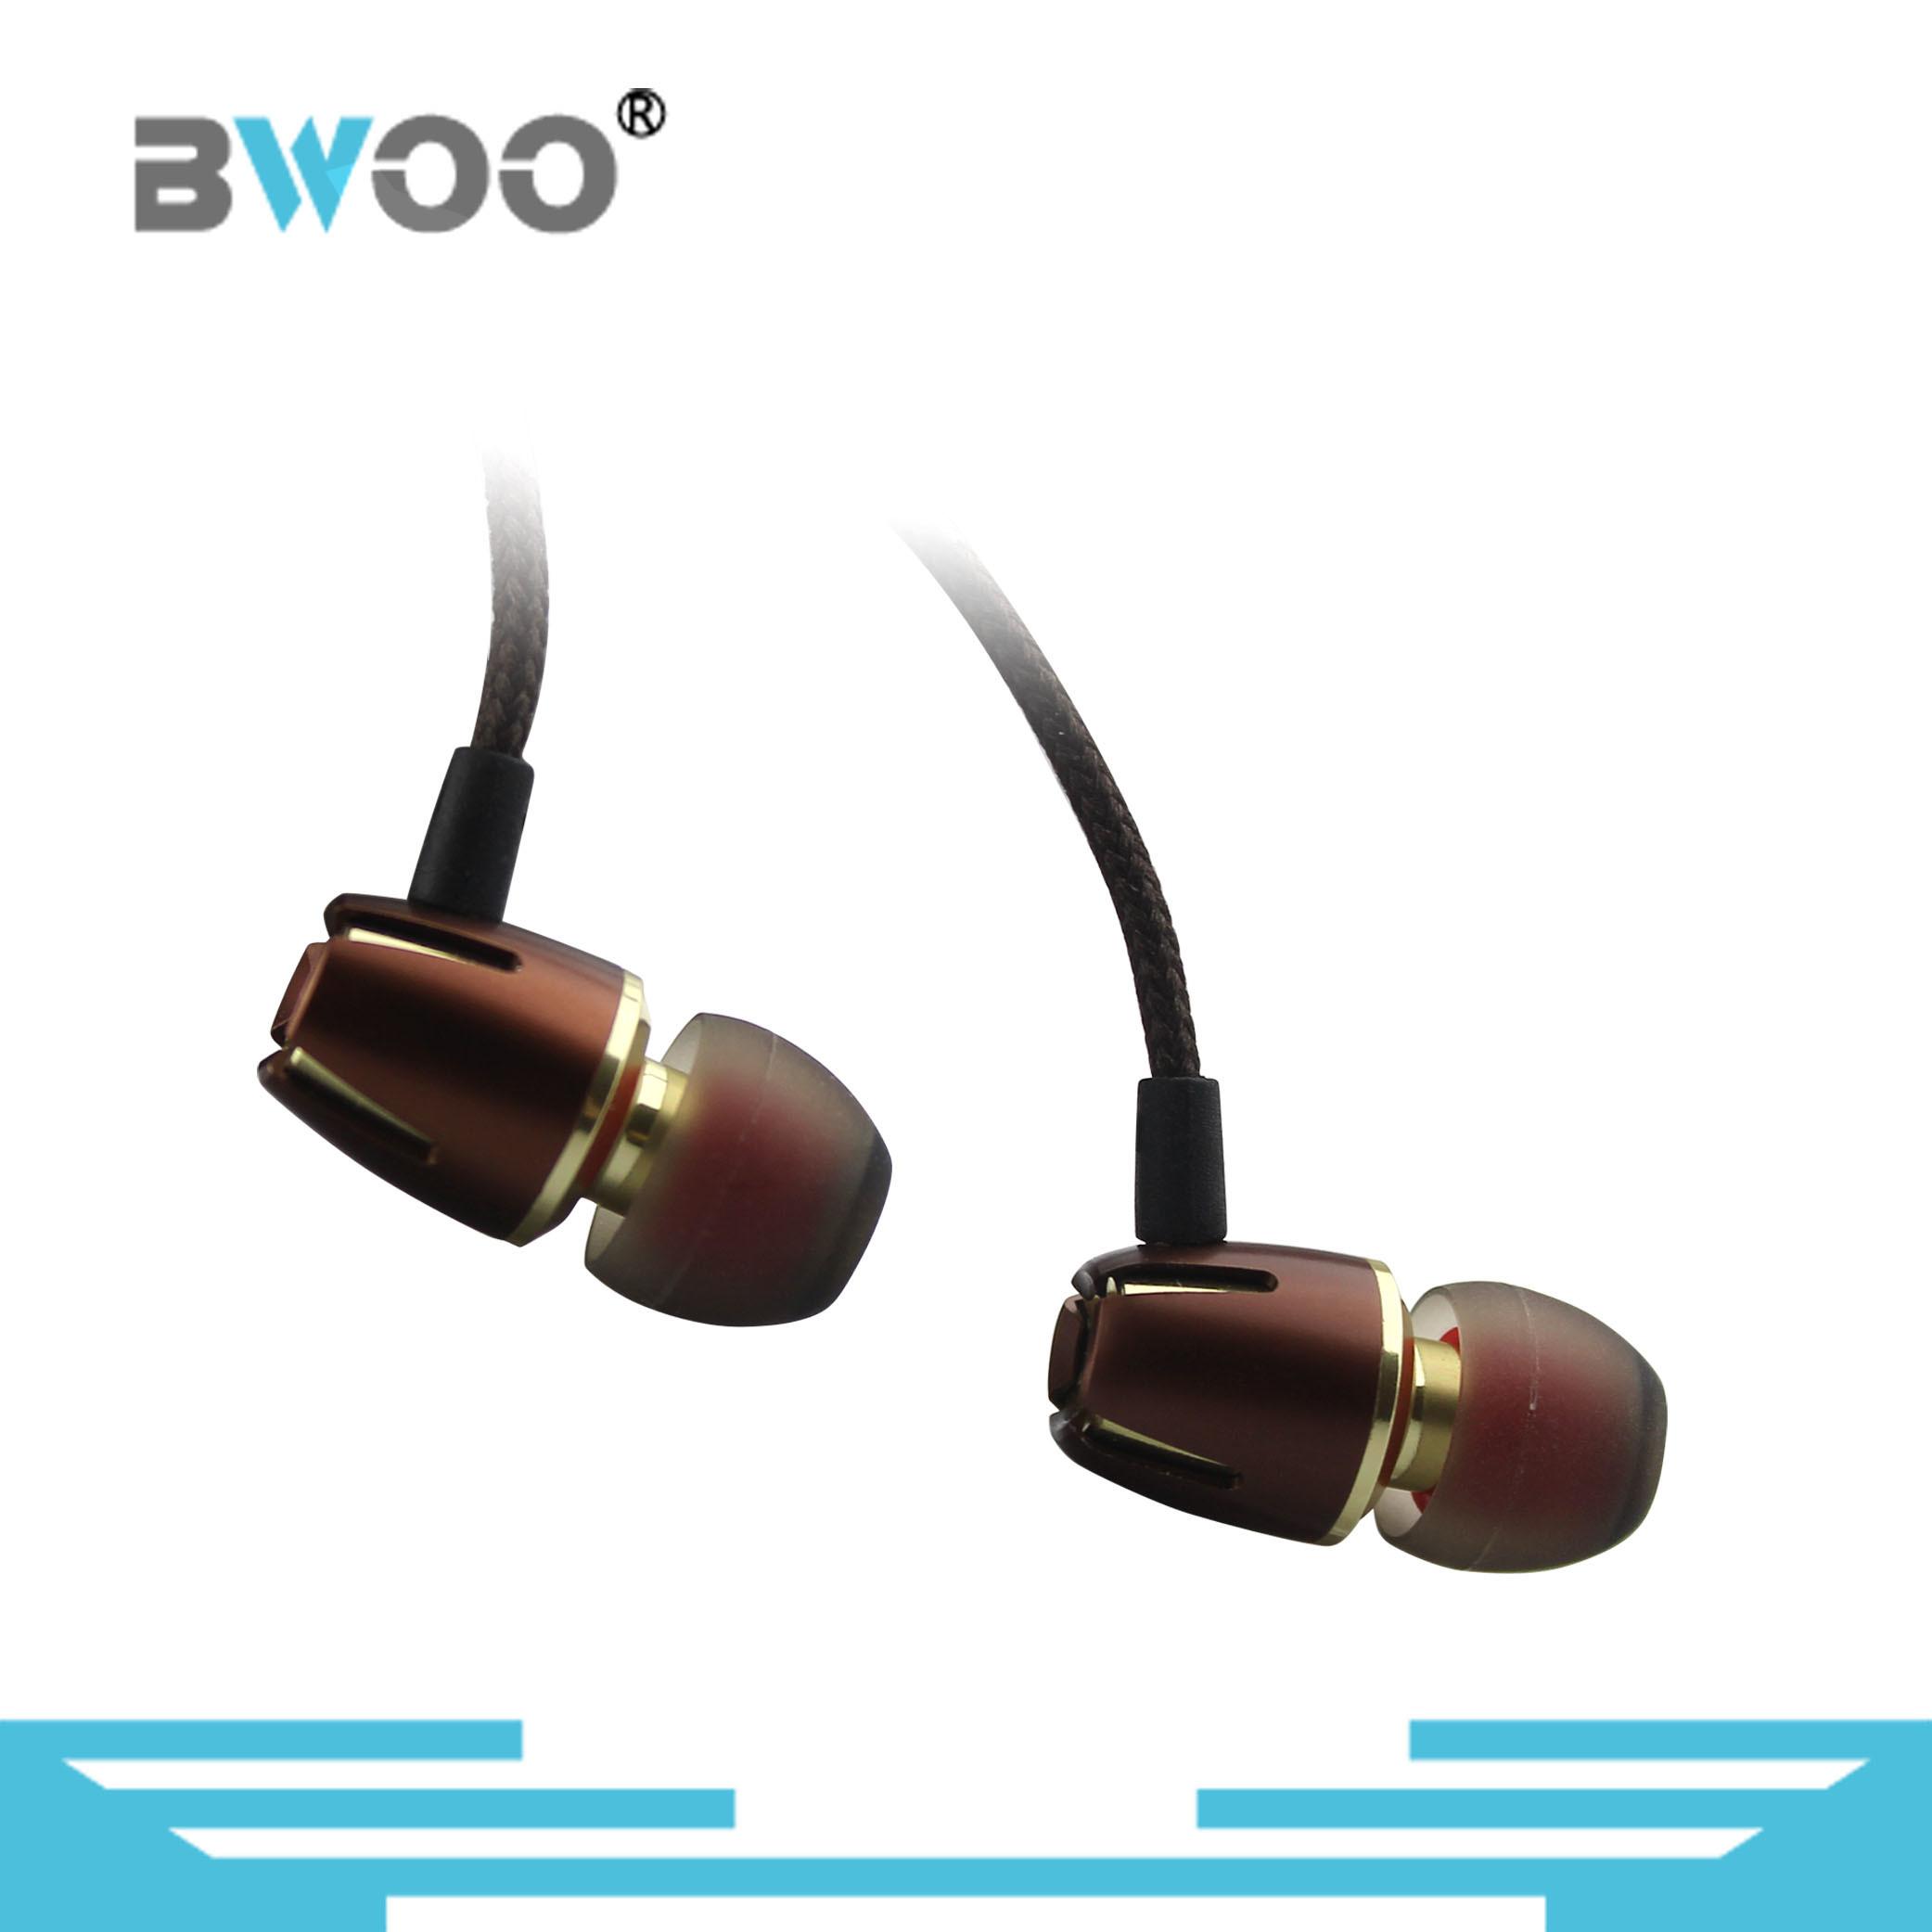 Bwoo-Hot-Selling Metal Stereo Best in-Ear Earphone Hight Level